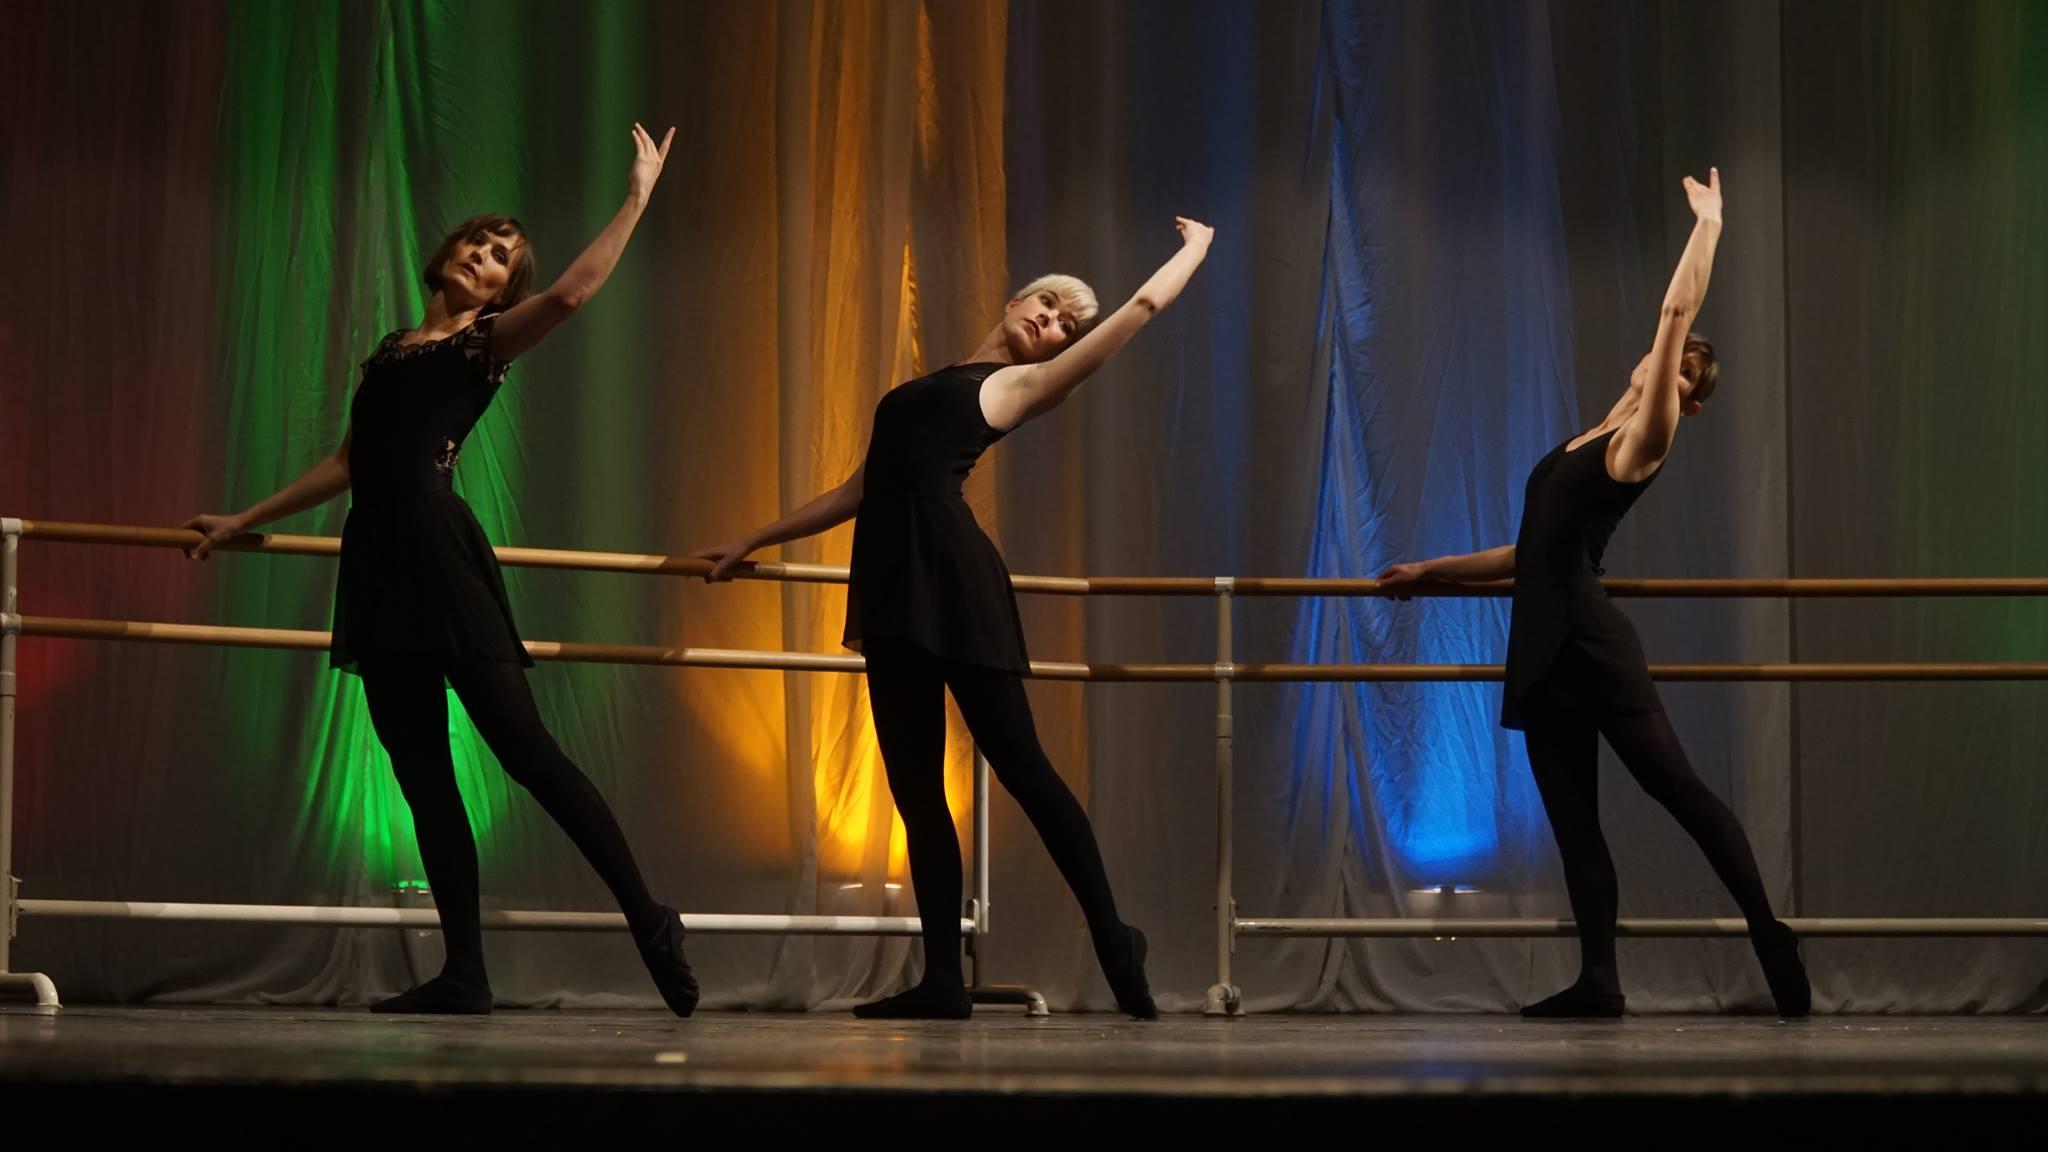 felnott_balett_oktatas_miami_balett_budapest_5.jpg